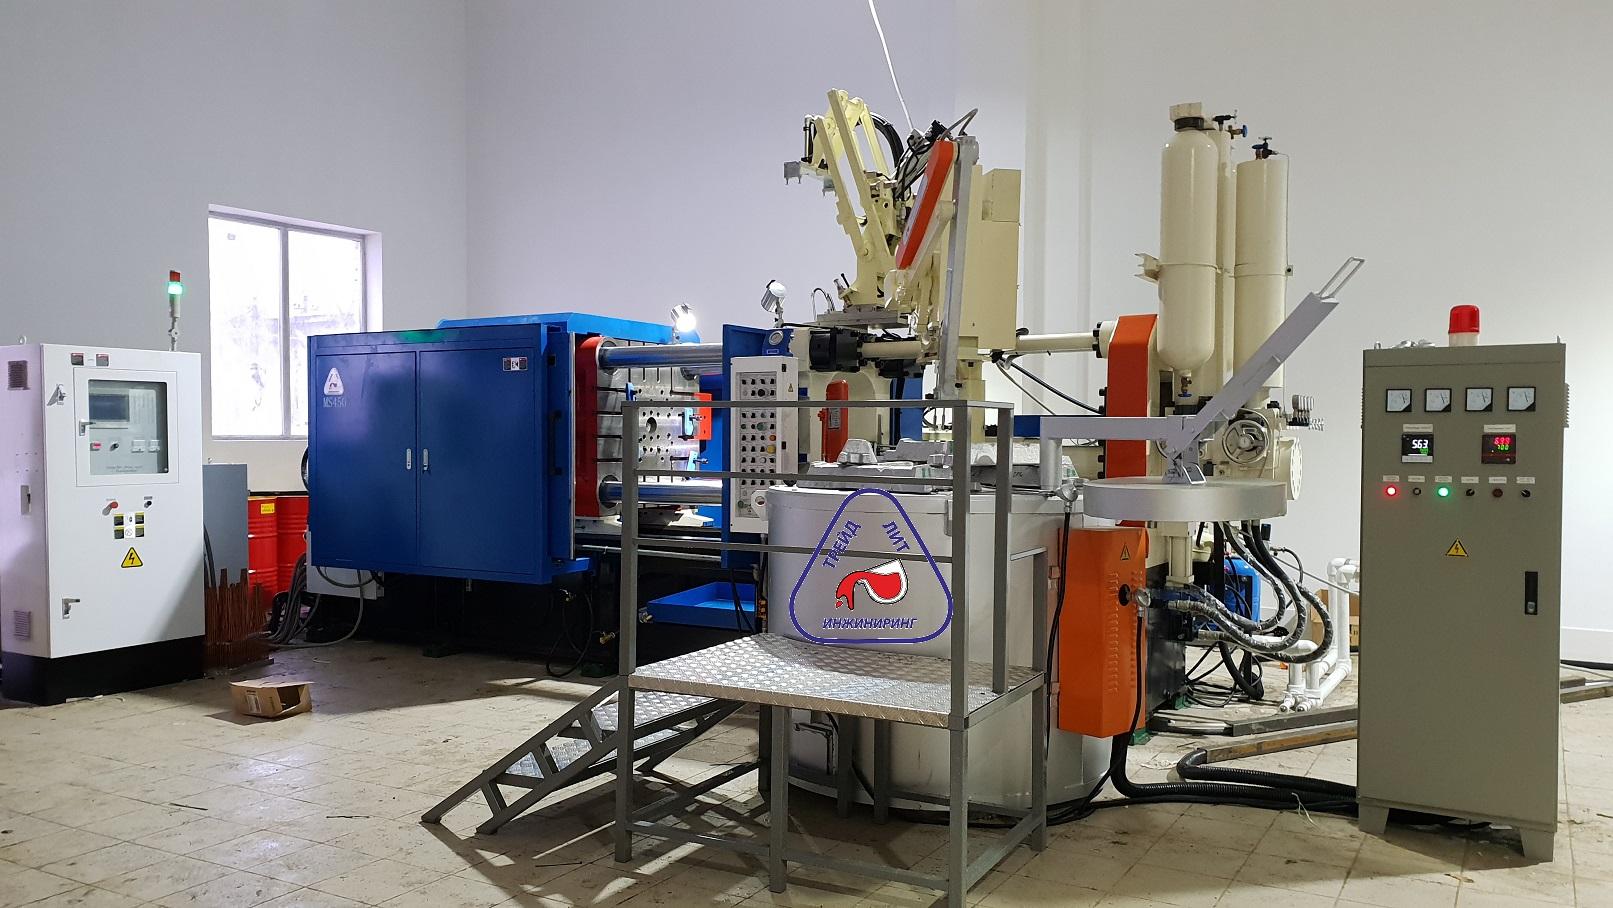 MS450 автоматизированный комплекс для производства отливок с видовыми требованиями